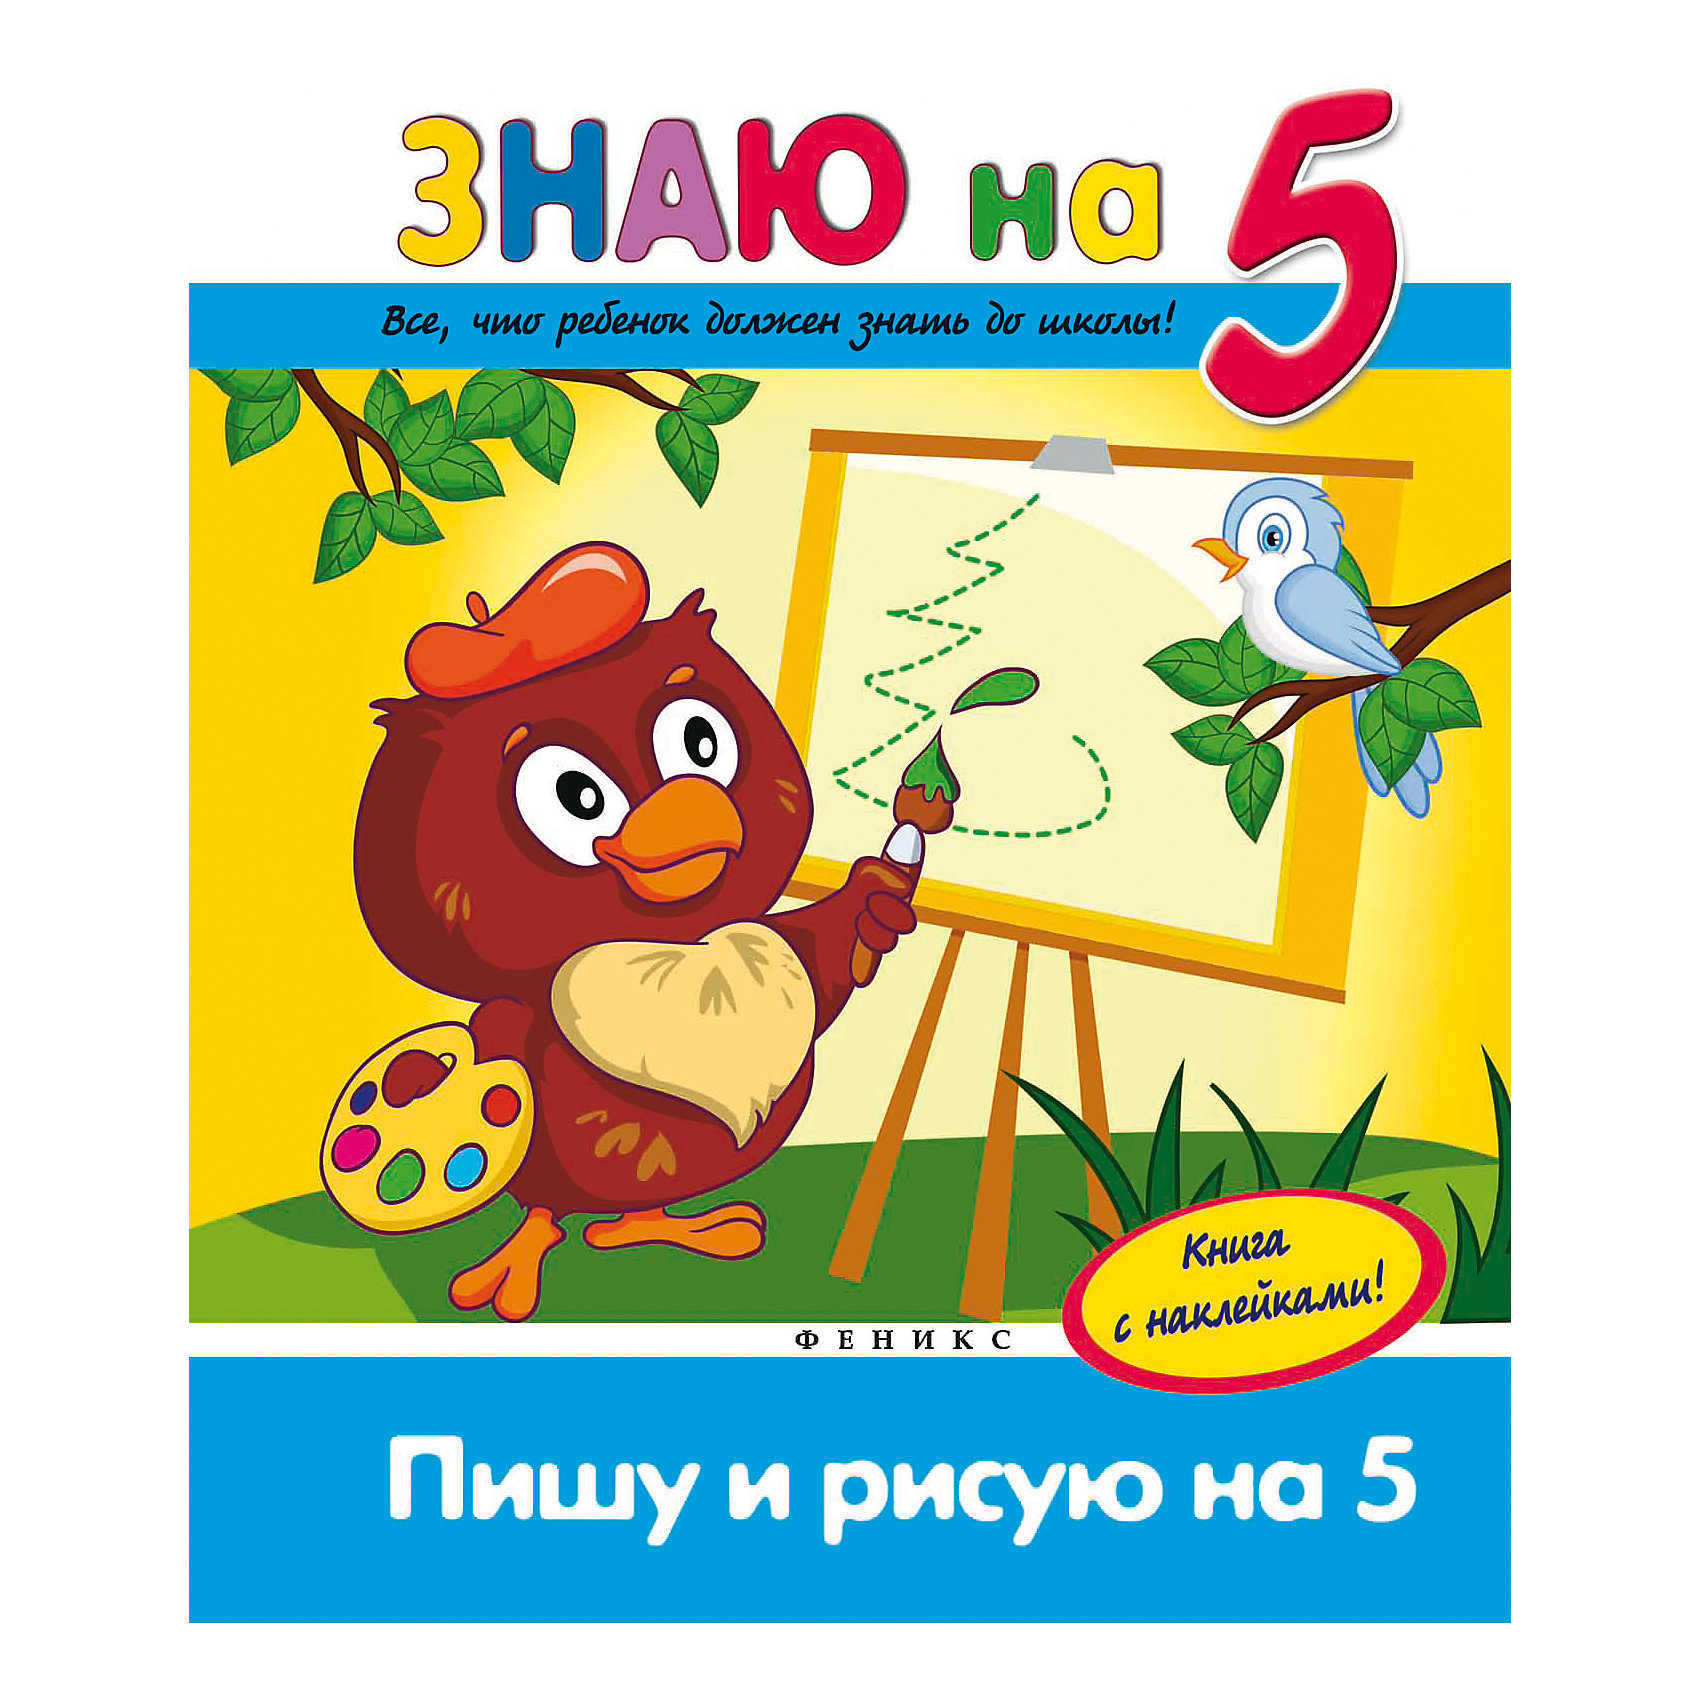 Пишу и рисую на 5Письмо и счет<br>Издание Пишу и рисую на 5 станет Вам отличным помощником в подготовке будущего первоклассника. Занимаясь по этой книжке, ребенок сможет развить мелкую моторику и координацию руки, закрепить графические навыки рисования и письма. А яркие наклейки помогут сделать<br>процесс обучения более увлекательным. Обязательно похвалите ребенка за старание! <br><br>Дополнительная информация:<br><br>- Автор: В. А. Белых.<br>- Серия: Знаю на 5.<br>- Обложка: мягкая.<br>- Иллюстрации: цветные.<br>- Объем: 47 стр.<br>- Размер: 26,5 x 0,5 x 20 см.<br>- Вес: 186 гр.<br><br>Книгу Пишу и рисую на 5, Феникс-Премьер, можно купить в нашем интернет-магазине.<br><br>Ширина мм: 260<br>Глубина мм: 201<br>Высота мм: 5<br>Вес г: 744<br>Возраст от месяцев: 48<br>Возраст до месяцев: 84<br>Пол: Унисекс<br>Возраст: Детский<br>SKU: 4771390